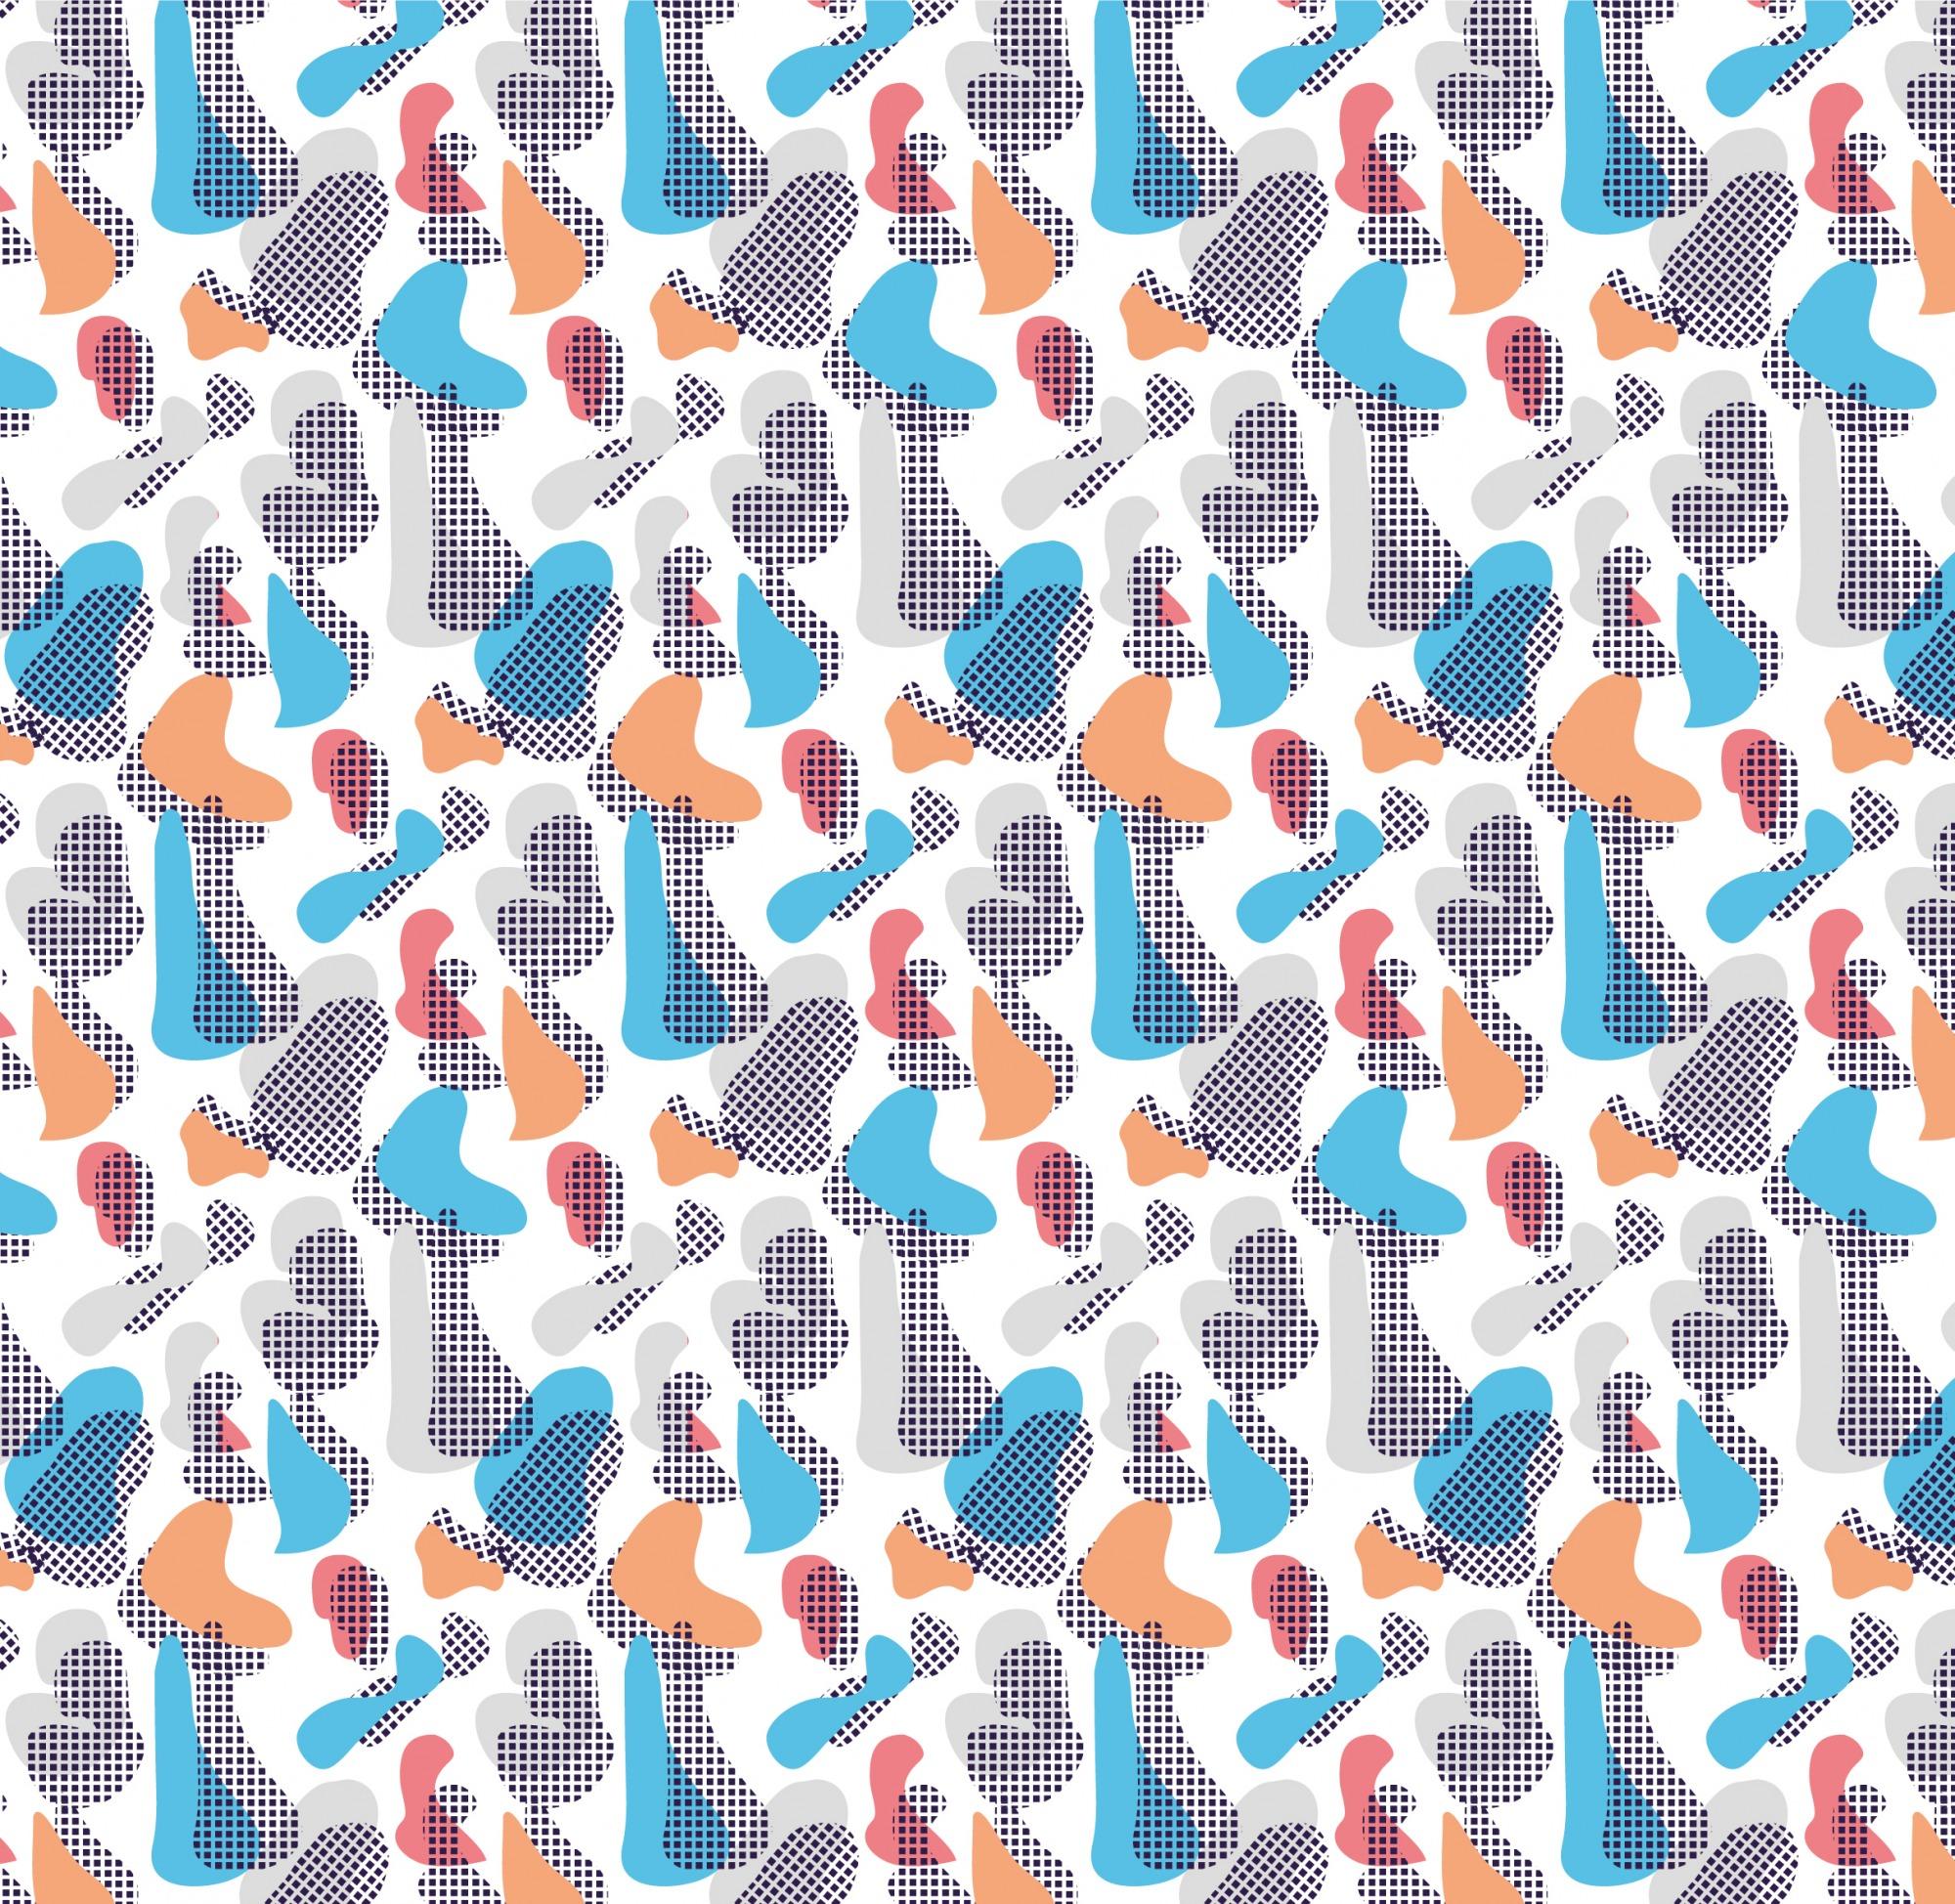 Motif abstrait, A12, Votre motif - POP'Home, Pop Home, produits éco-responsables, produits éco-responsables français, produits éco-responsables made in France, produits personnalisés, produits personnalisés français, produits personnalisés made in France, produits personnalisables, produits personnalisables français, produits personnalisables made in France, produits made in France, produits français, textiles éco-responsables, textiles éco-responsables français, textiles éco-responsables made in France, textiles français, textiles made in France, textiles personnalisés, textiles personnalisés français, textiles personnalisés made in France, textiles personnalisables, textiles personnalisables français, textiles personnalisables made in France, motif enfantin, motif géométrique, motif abstrait, motif fleuri, motif figuratif, textiles à motifs, textile à motifs, produits à motifs, produit à motifs, produits à personnaliser, produits salle de bain, produits maison, produits salle de bain personnalisables, produits maison personnalisables, papeterie, papeterie personnalisable, papeterie personnalisé, cadeau personnalisé, idée cadeau, idée cadeau personnalisé, cadeau made in France, made in France, produit unique, produit écologique, décoration d'intérieur, motifs, objet unique, objet personnalisé, objet personnalisable, objet made in France, produit made in France, produits écologiques, objets écologiques, créatrice française, designer, Eloïse Abadia-Pacitti